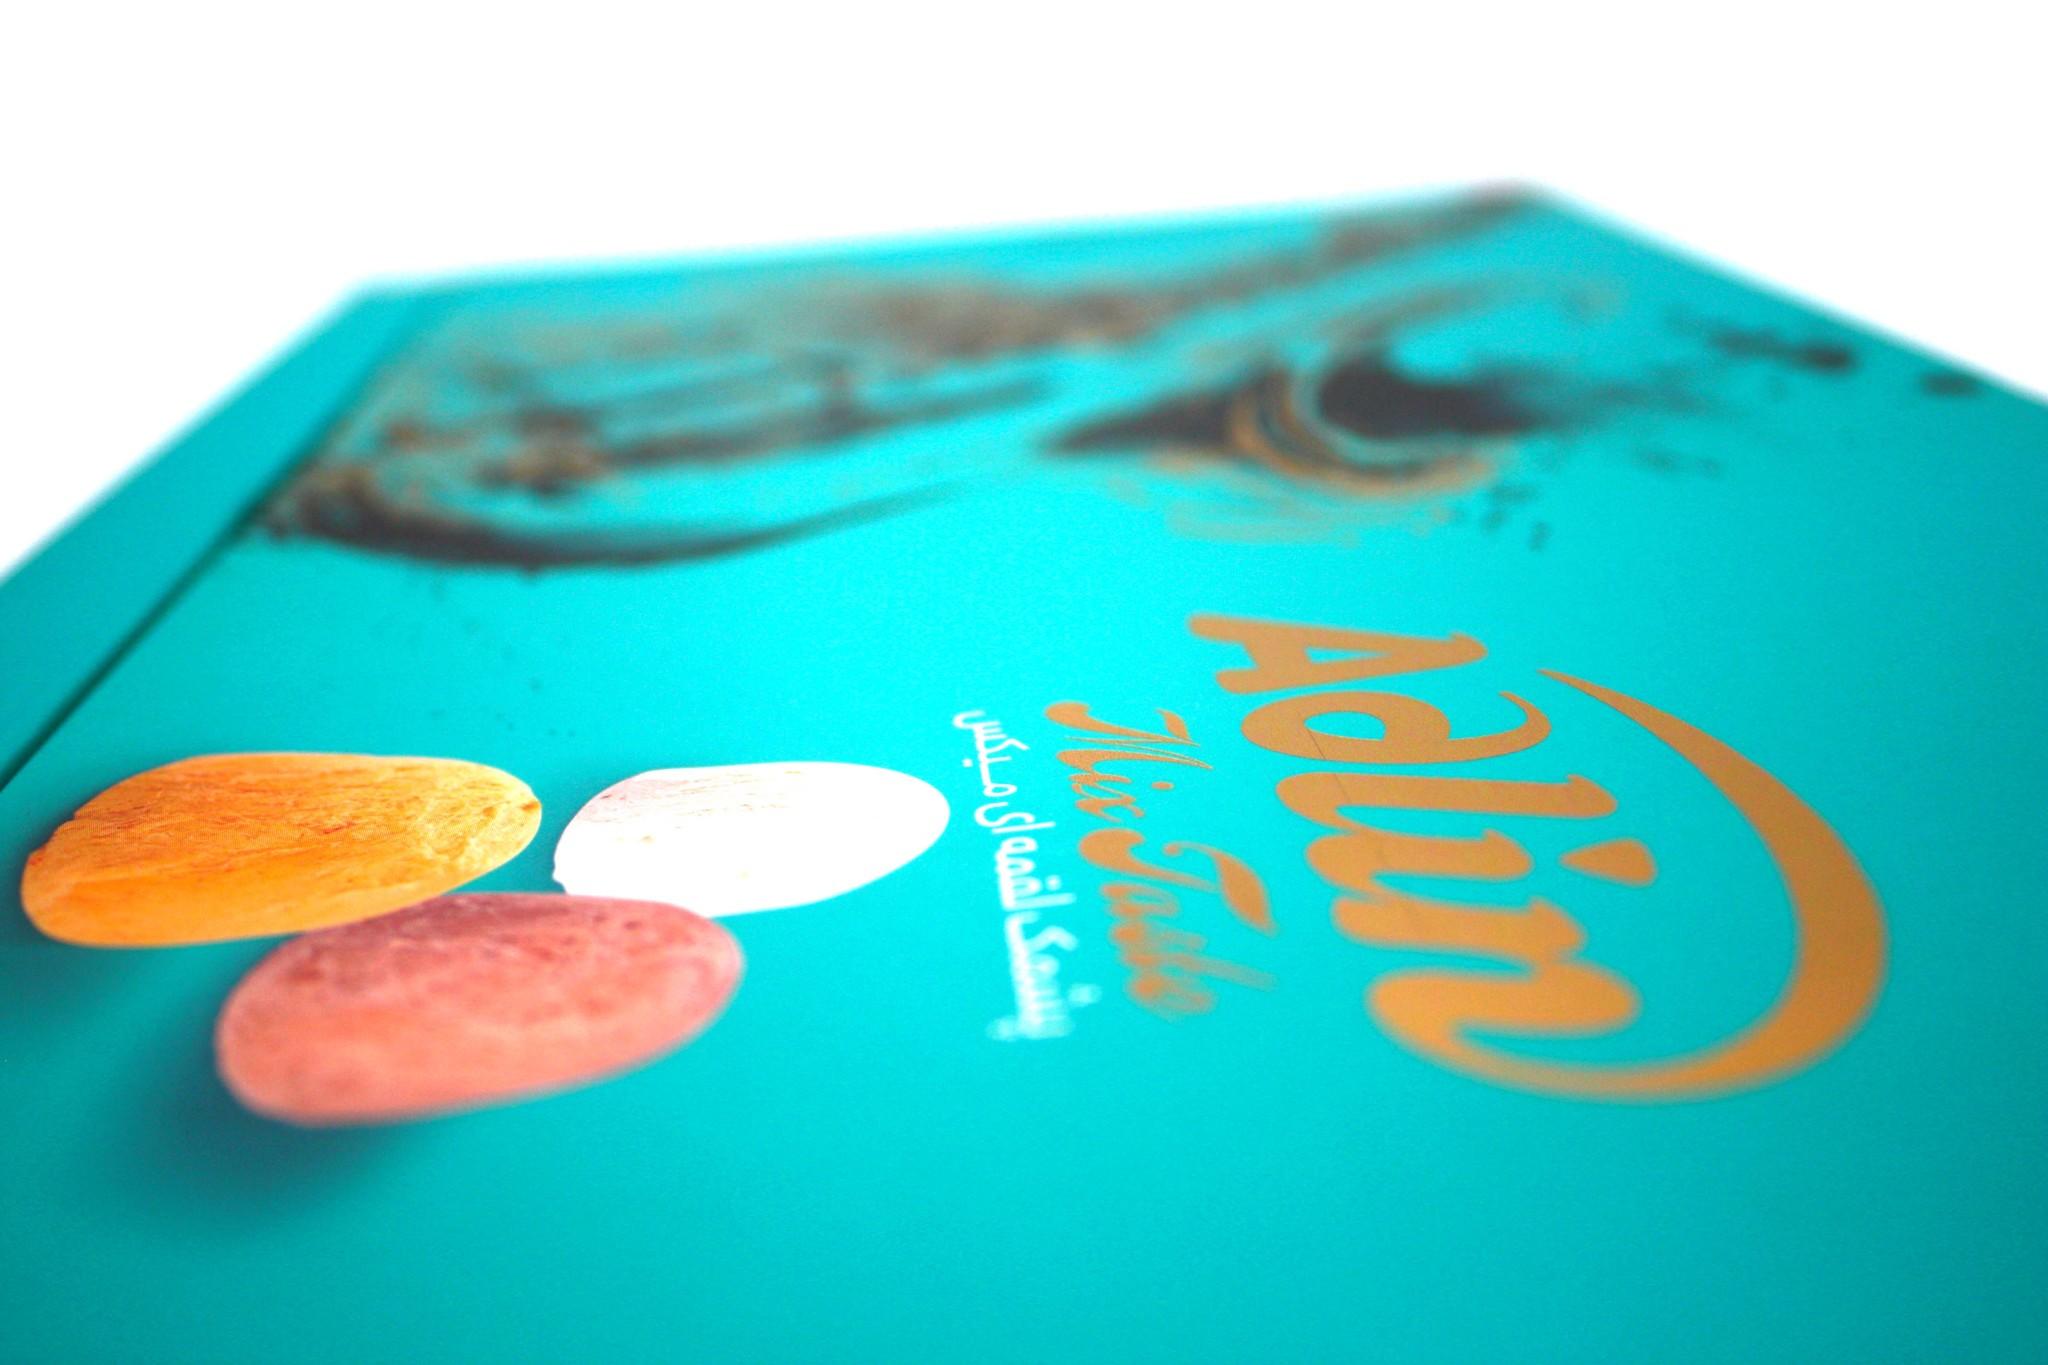 Пишмание Царская пишмание со вкусом какао, ванили и шафрана в подарочной упаковке, Adlin, 420 г import_files_a2_a2b1acb6f24f11e8a9a1484d7ecee297_9266c172f95711e8a9a1484d7ecee297.jpg